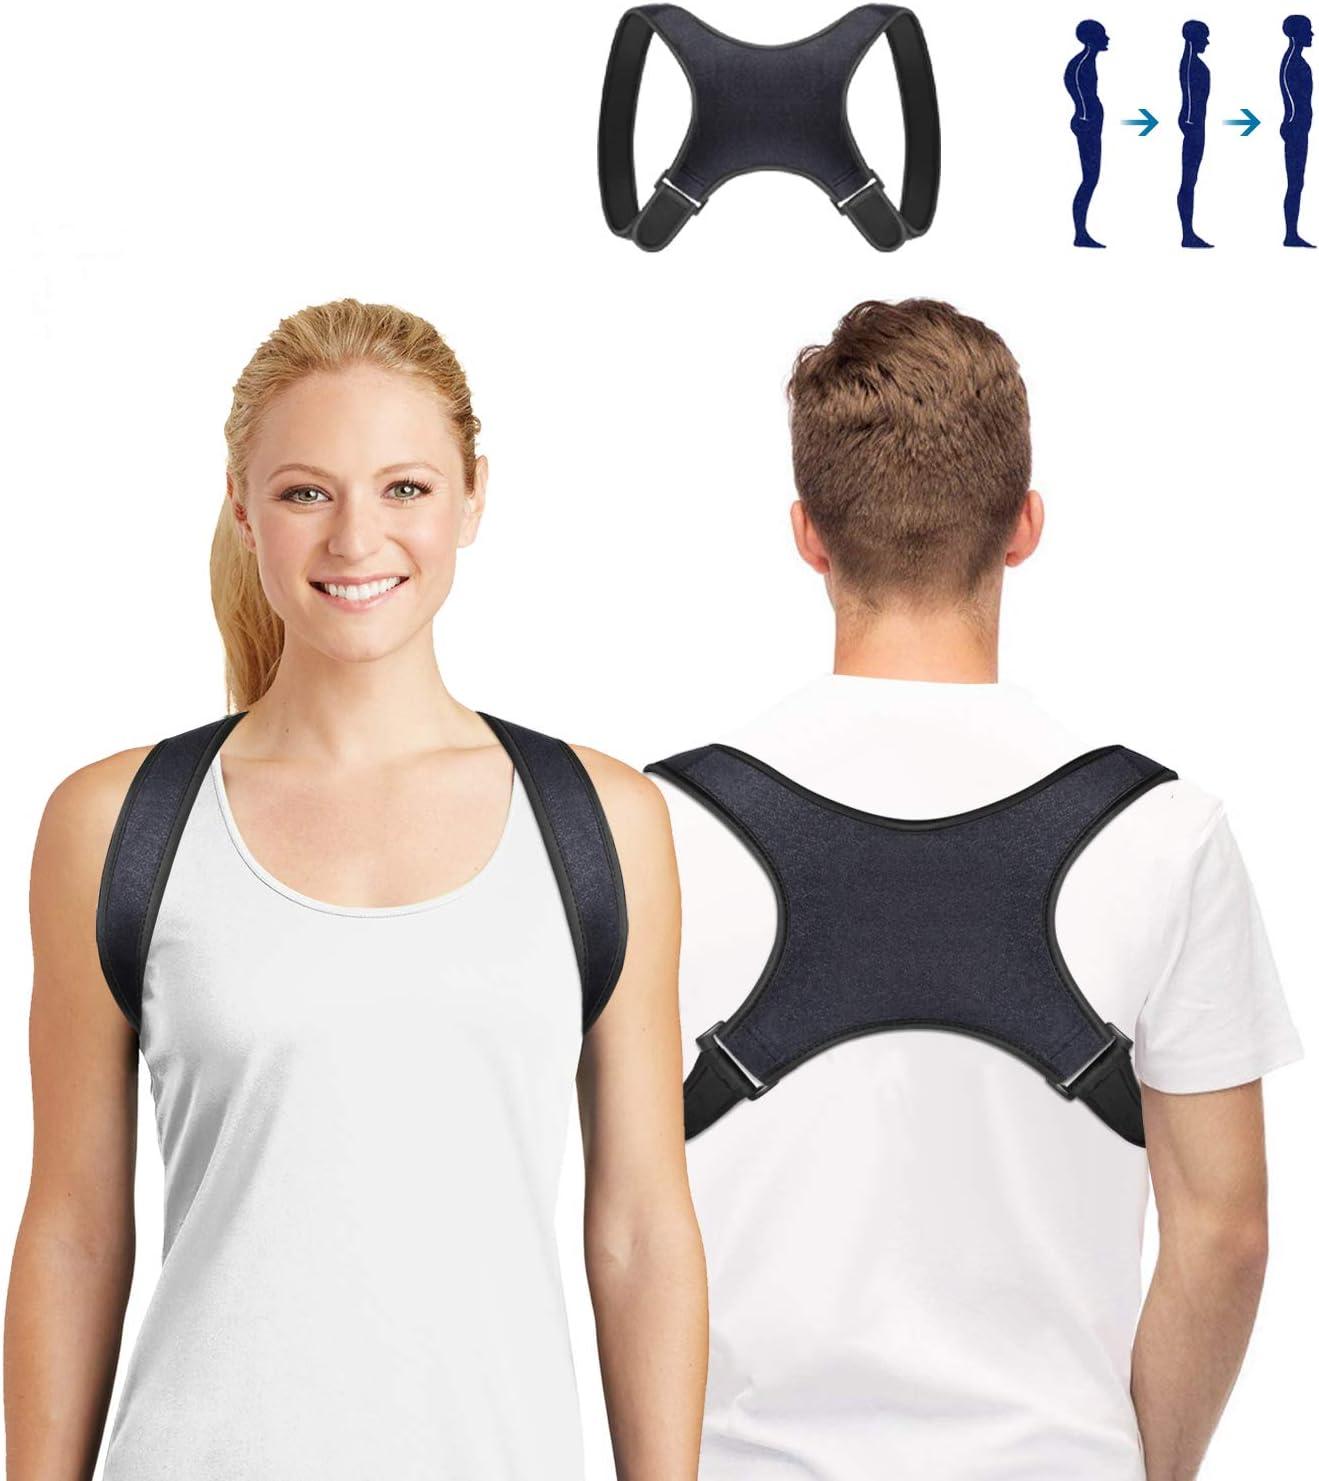 SUNNEY Corrector de Postura, Soporte de Espalda Ajustable para Hombres y Mujeres, Alivia el Dolor de Espalda, Hombros y Cuello, Mejora la Postura de Espalda y Hombros